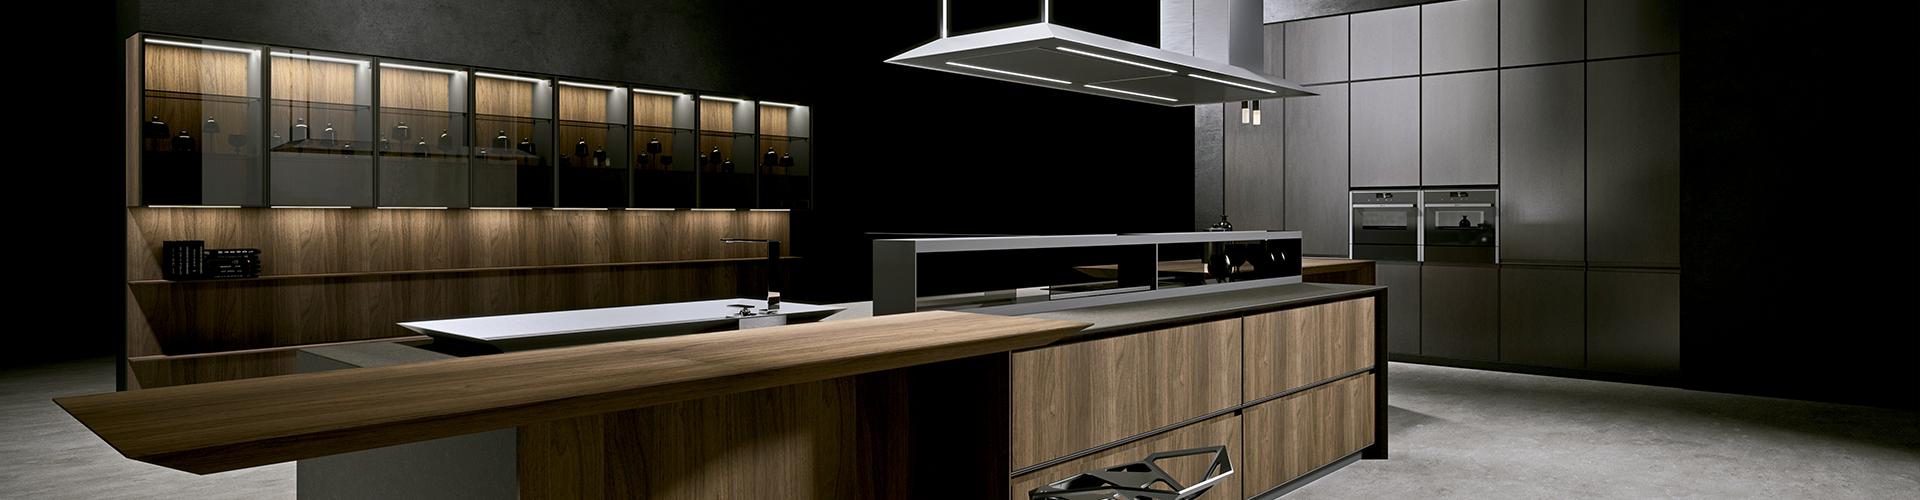 Cocina de alta gama con garant a de calidad cocinas costasol for Cocinas integrales de alta gama